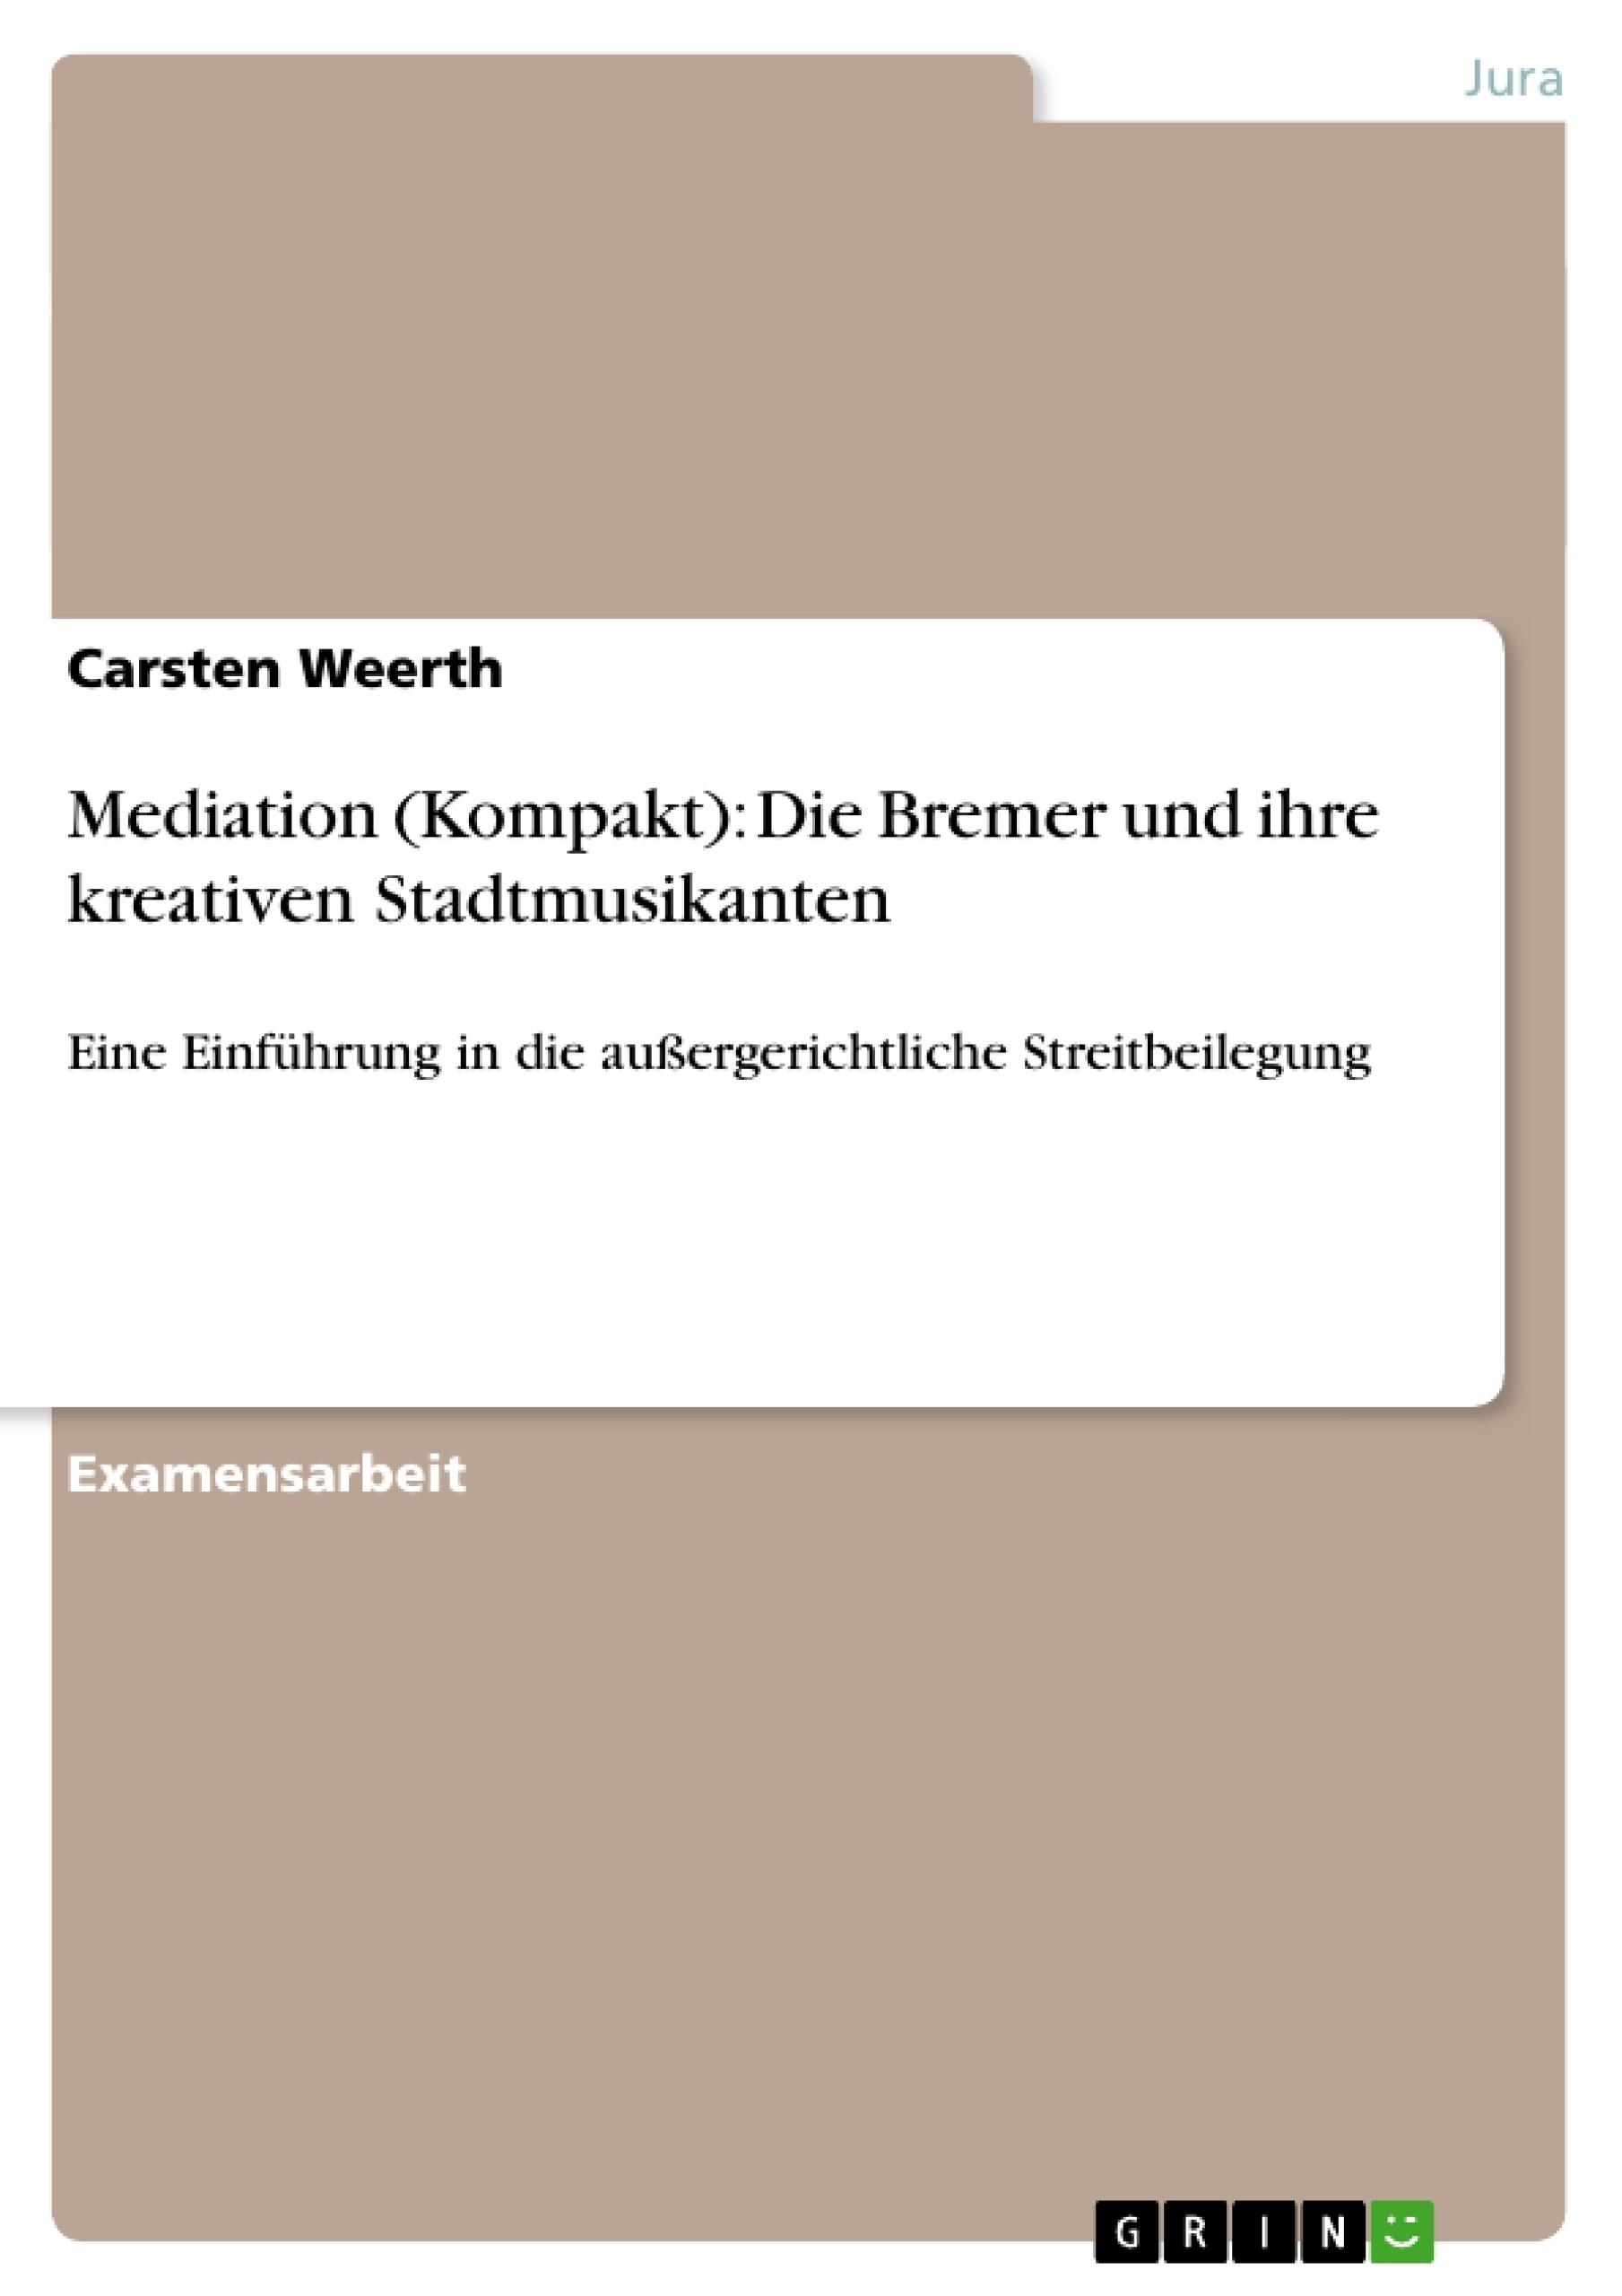 Titel: Mediation (Kompakt): Die Bremer und ihre kreativen Stadtmusikanten